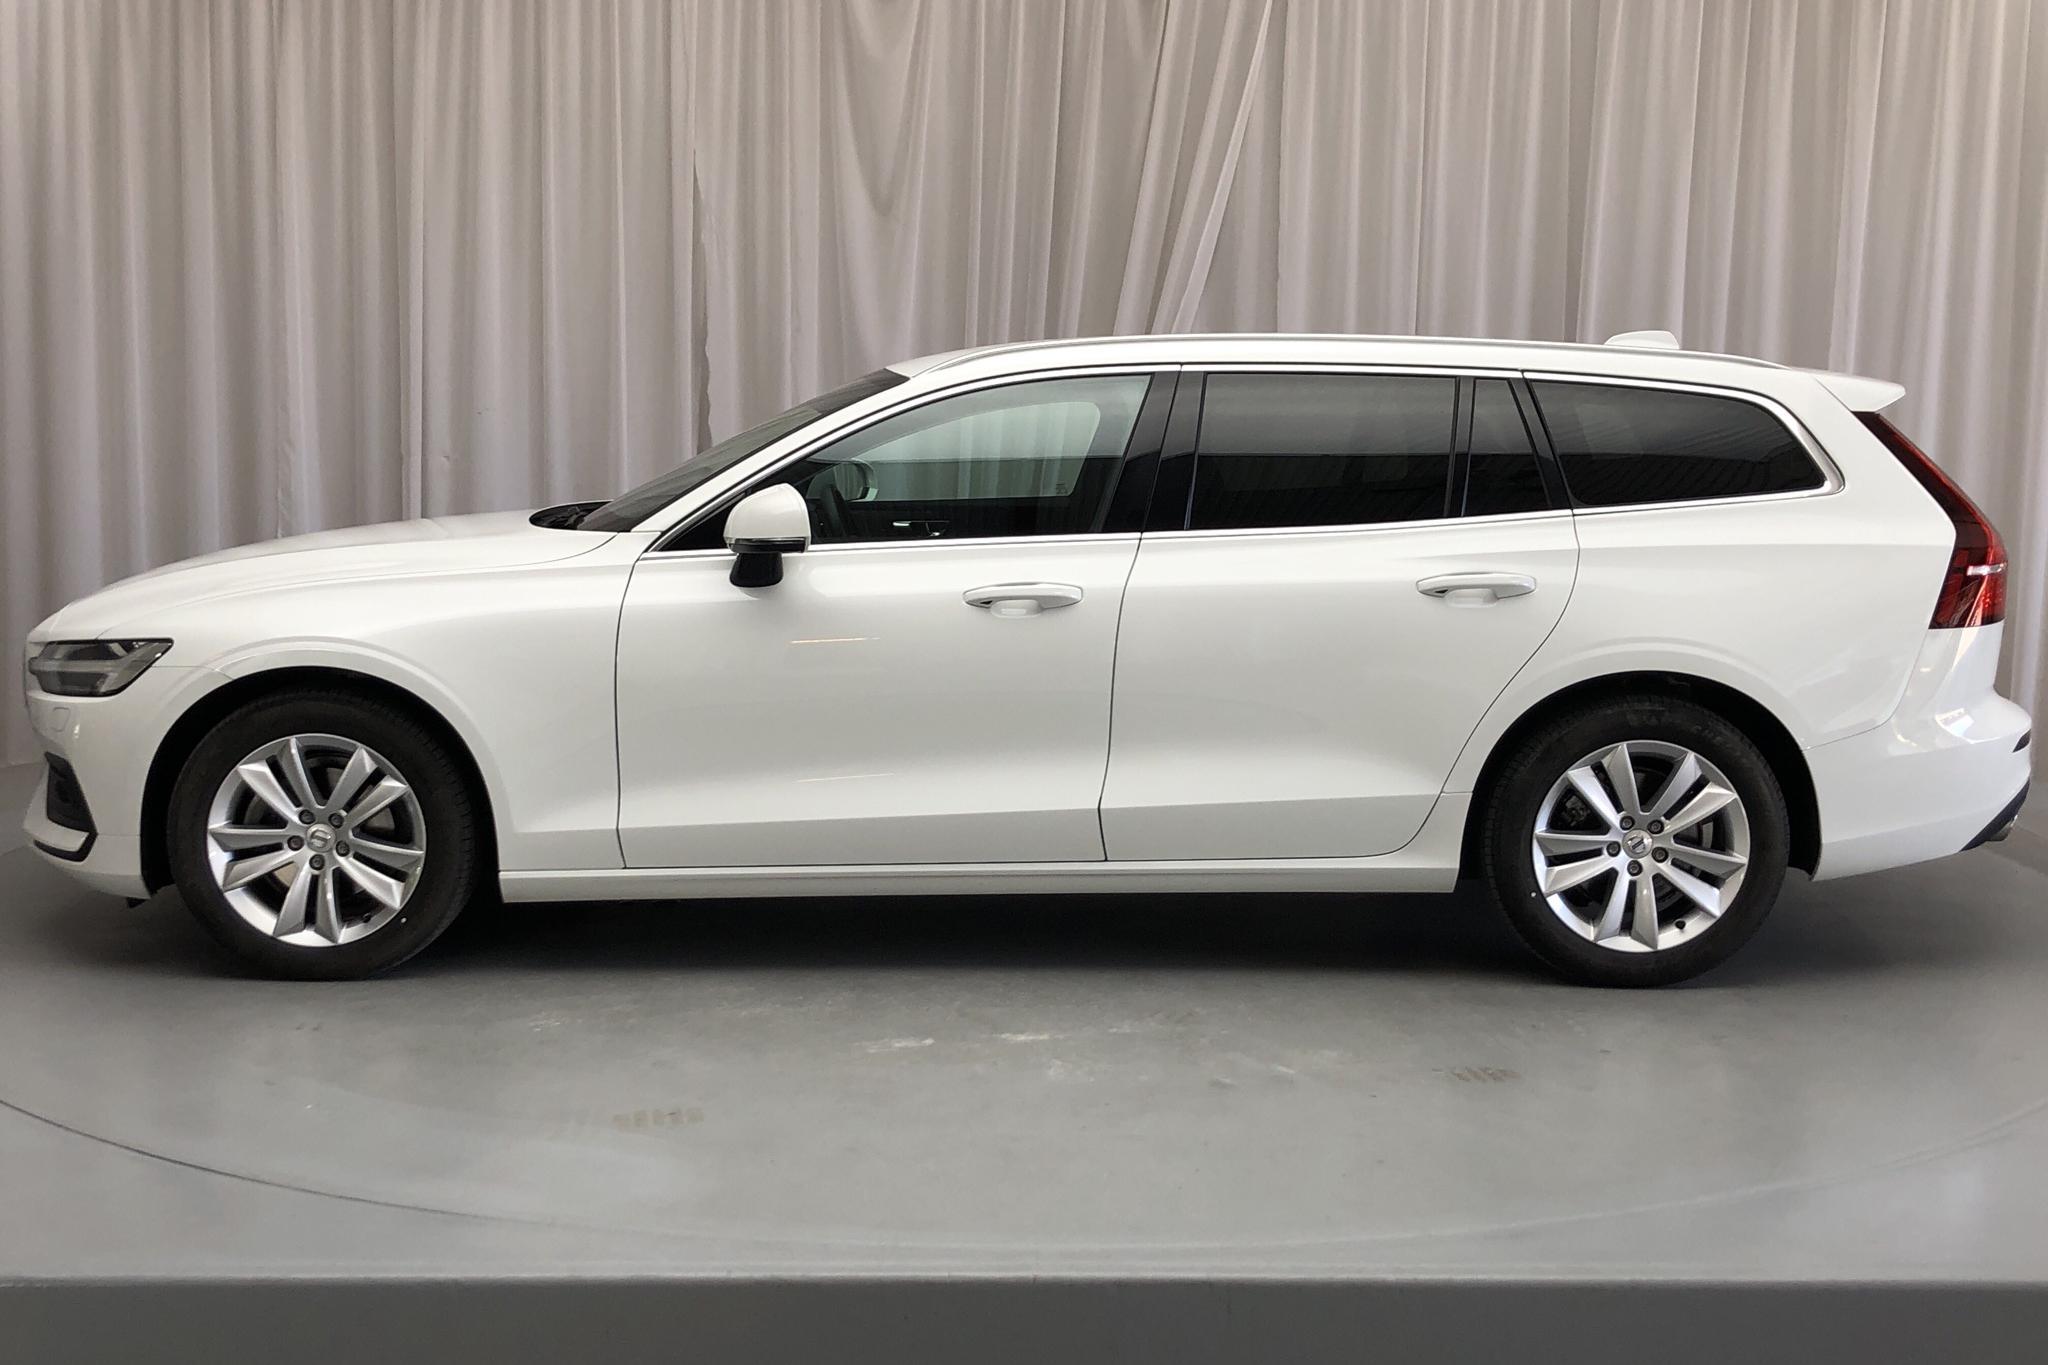 Volvo V60 B4 Mildhybrid, Diesel (197hk) - 1 665 mil - Automat - vit - 2021